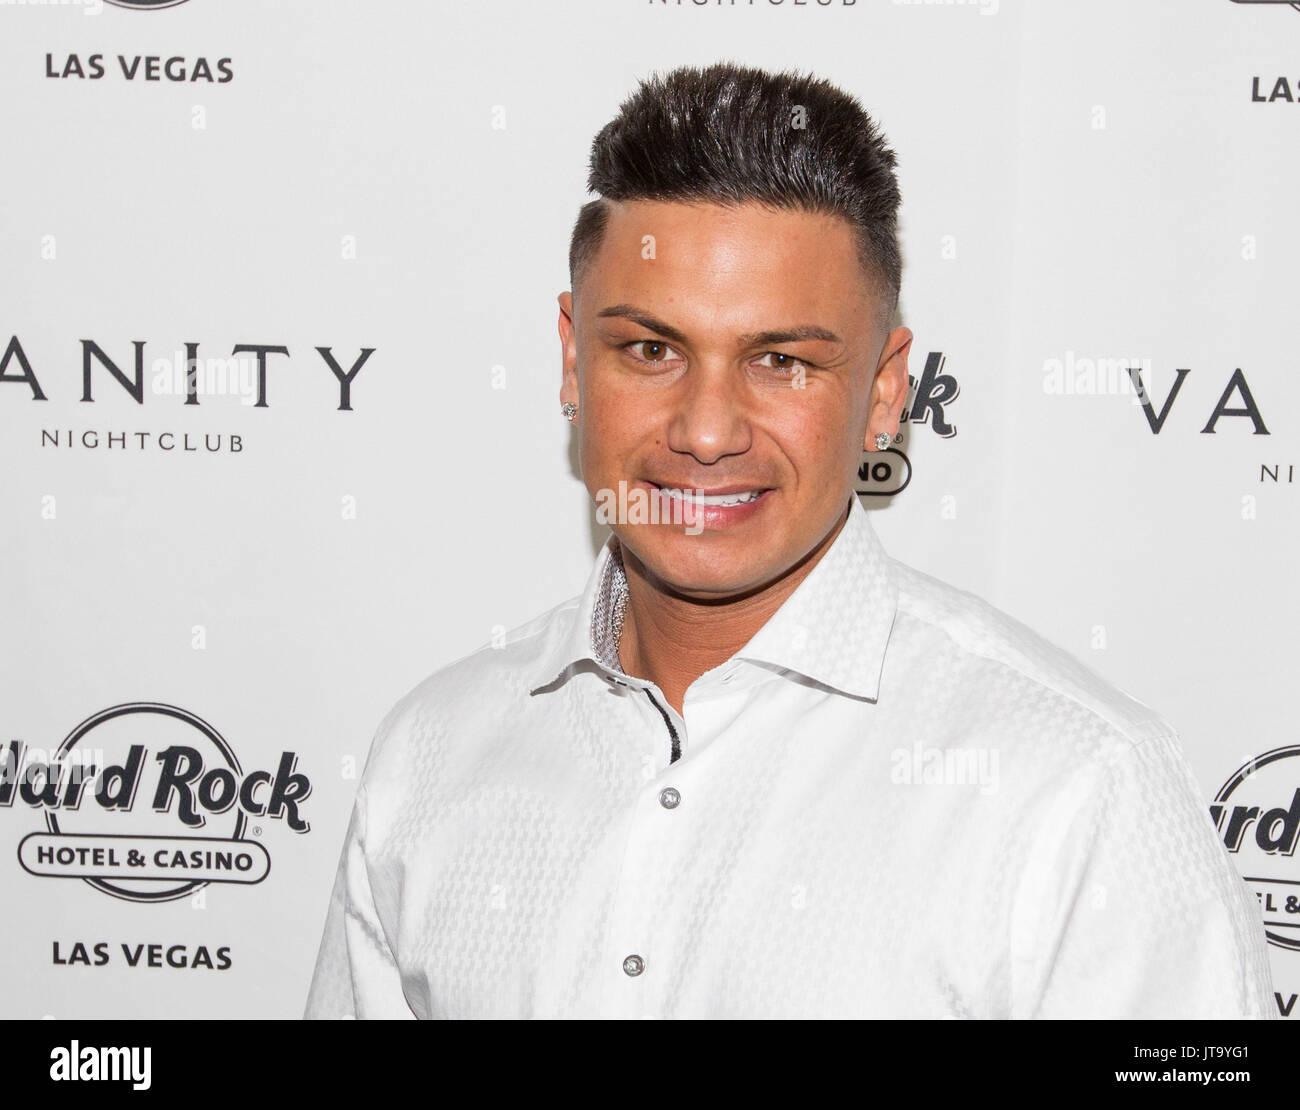 Las Vegas Nv December 31 Dj Pauly D New Years Eve At Vanity